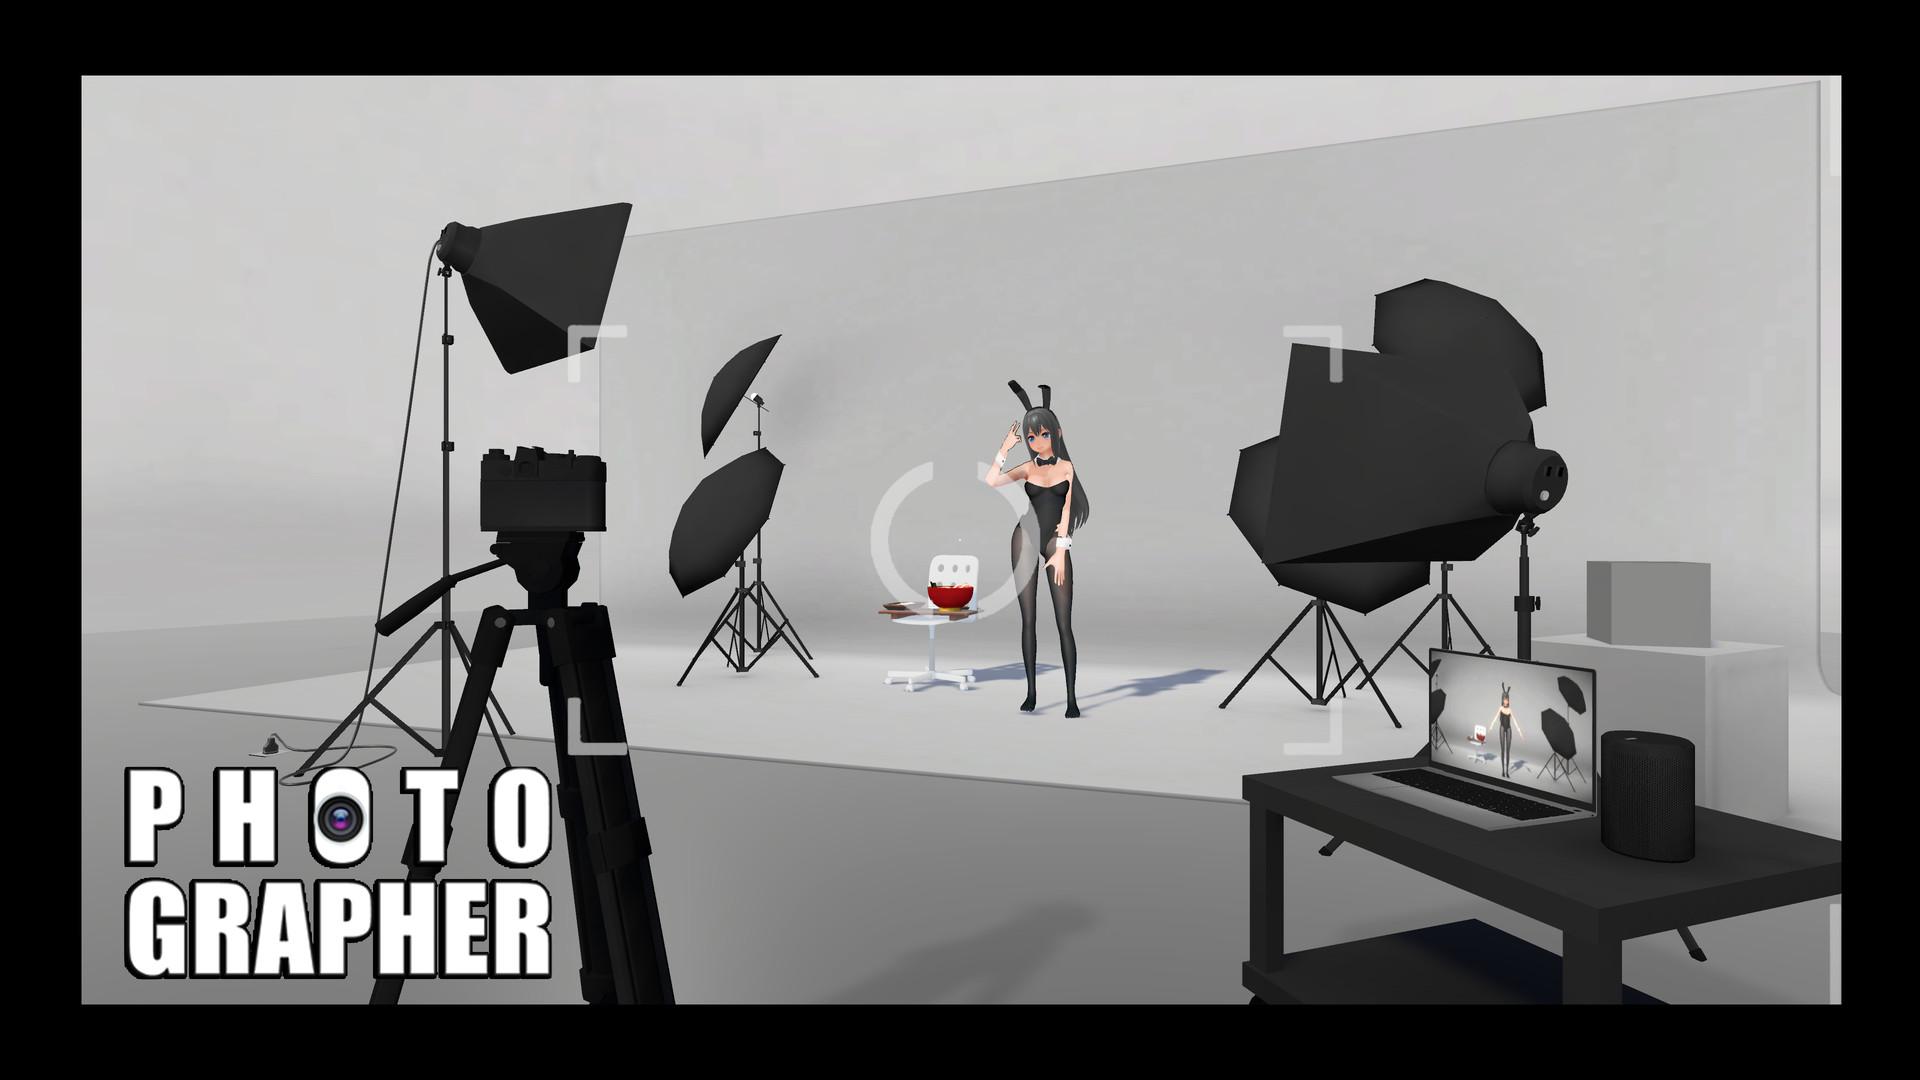 摄影师(V2.6.5+送创意工坊MOD自行研究)插图9